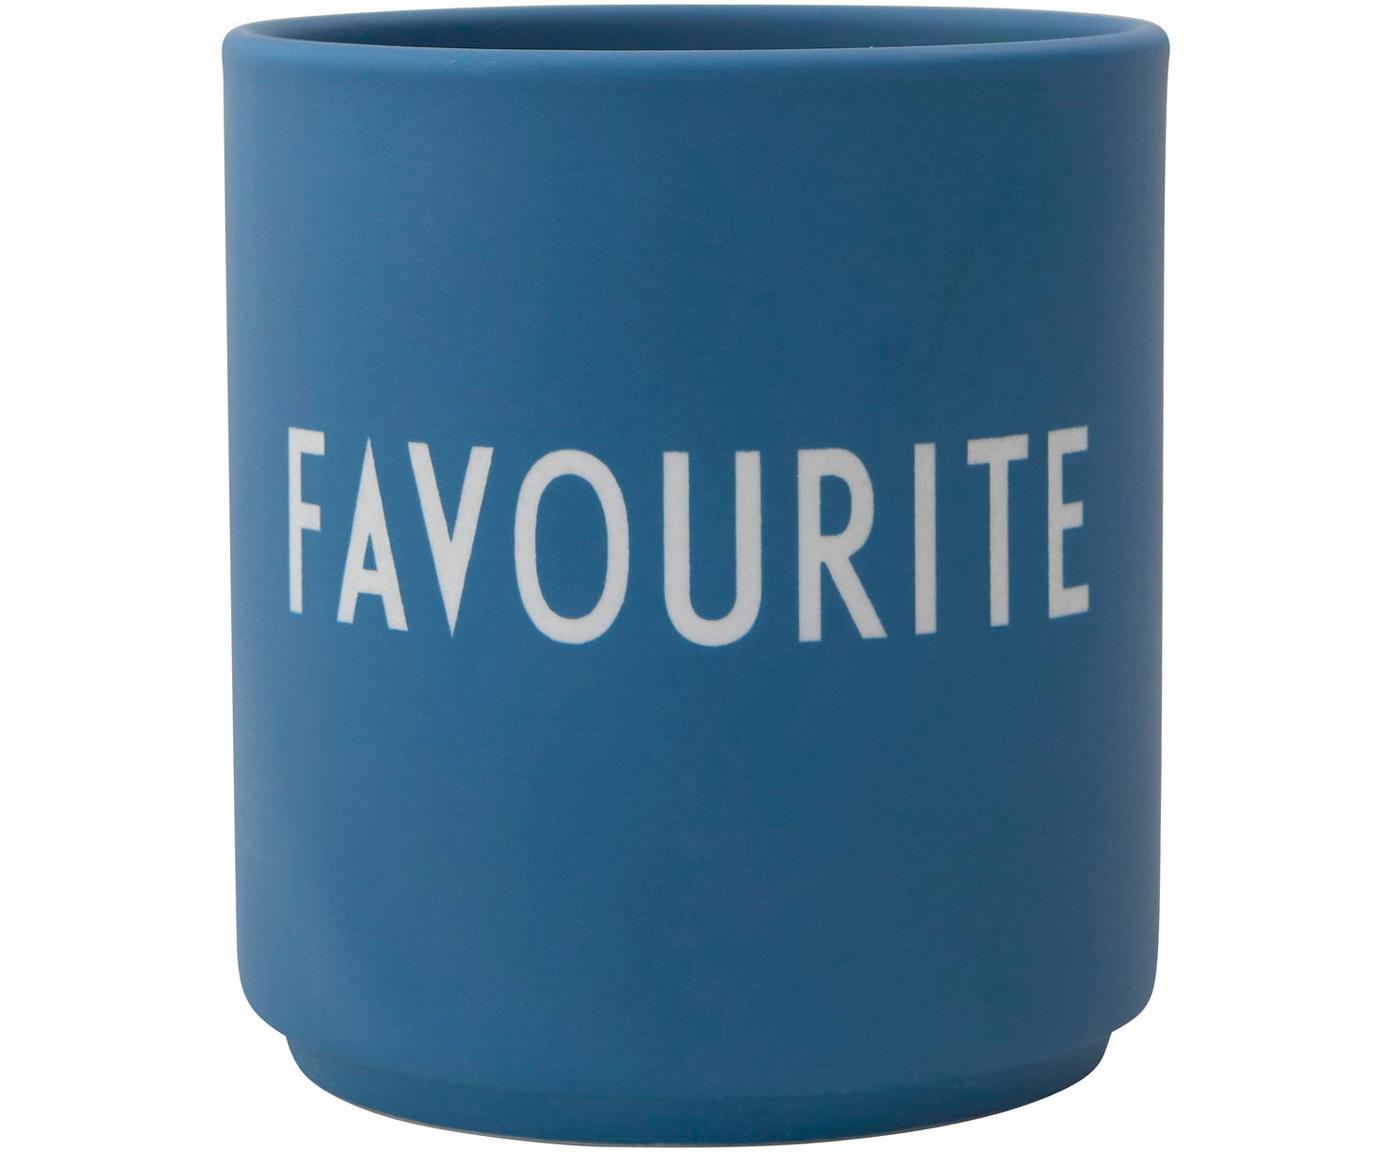 Design Becher Favourite mit Schriftzug, Fine Bone China, glasiert, Blau, Weiss, Ø 8 x H 9 cm